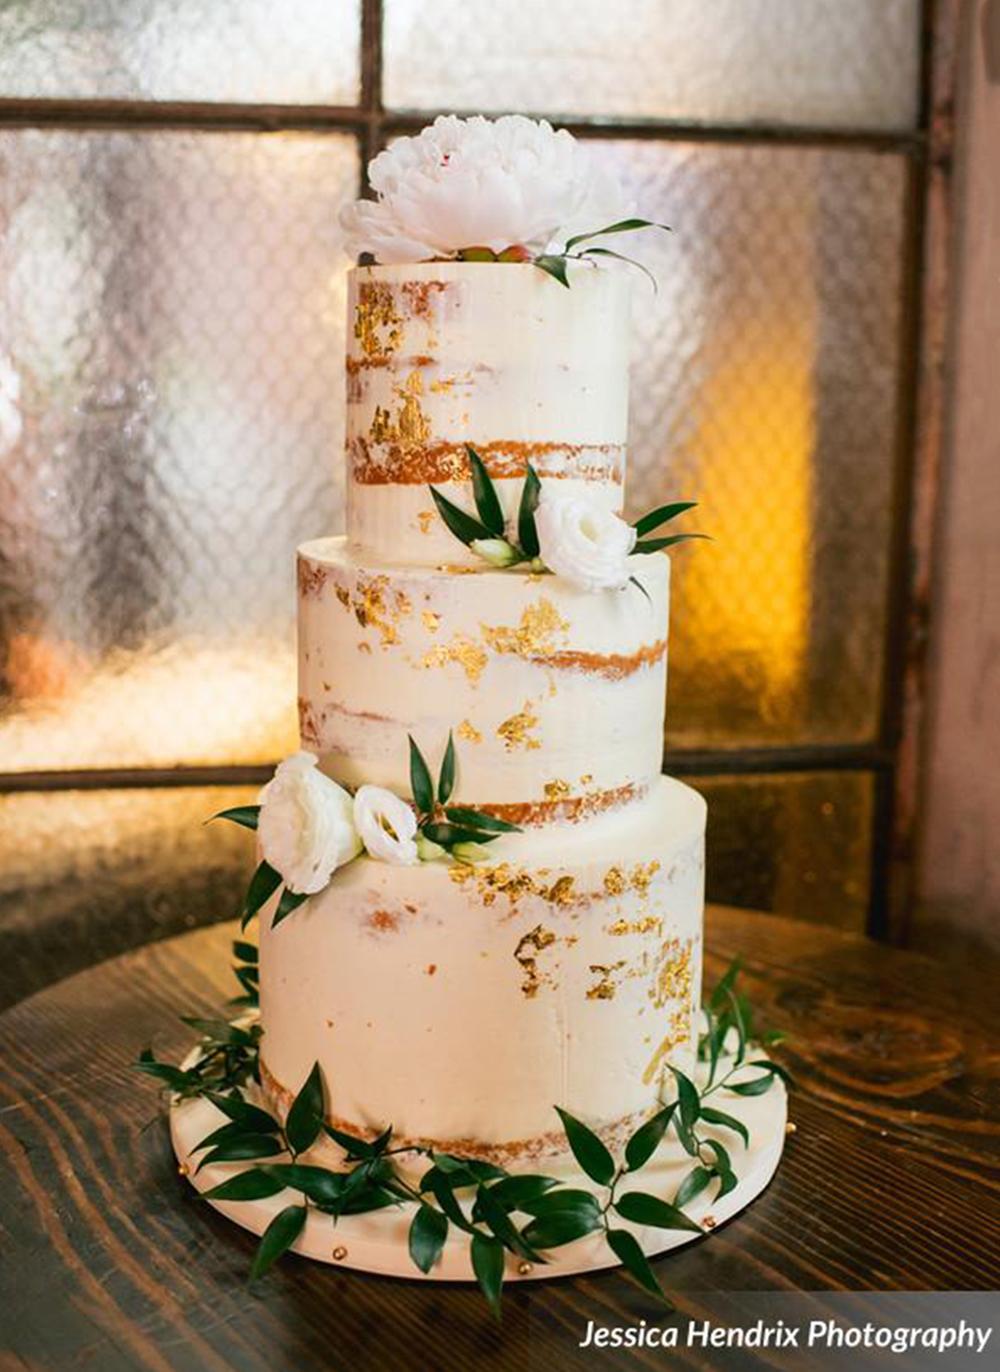 gold-leaf-naked-cake_JessicaHendrixPhotography